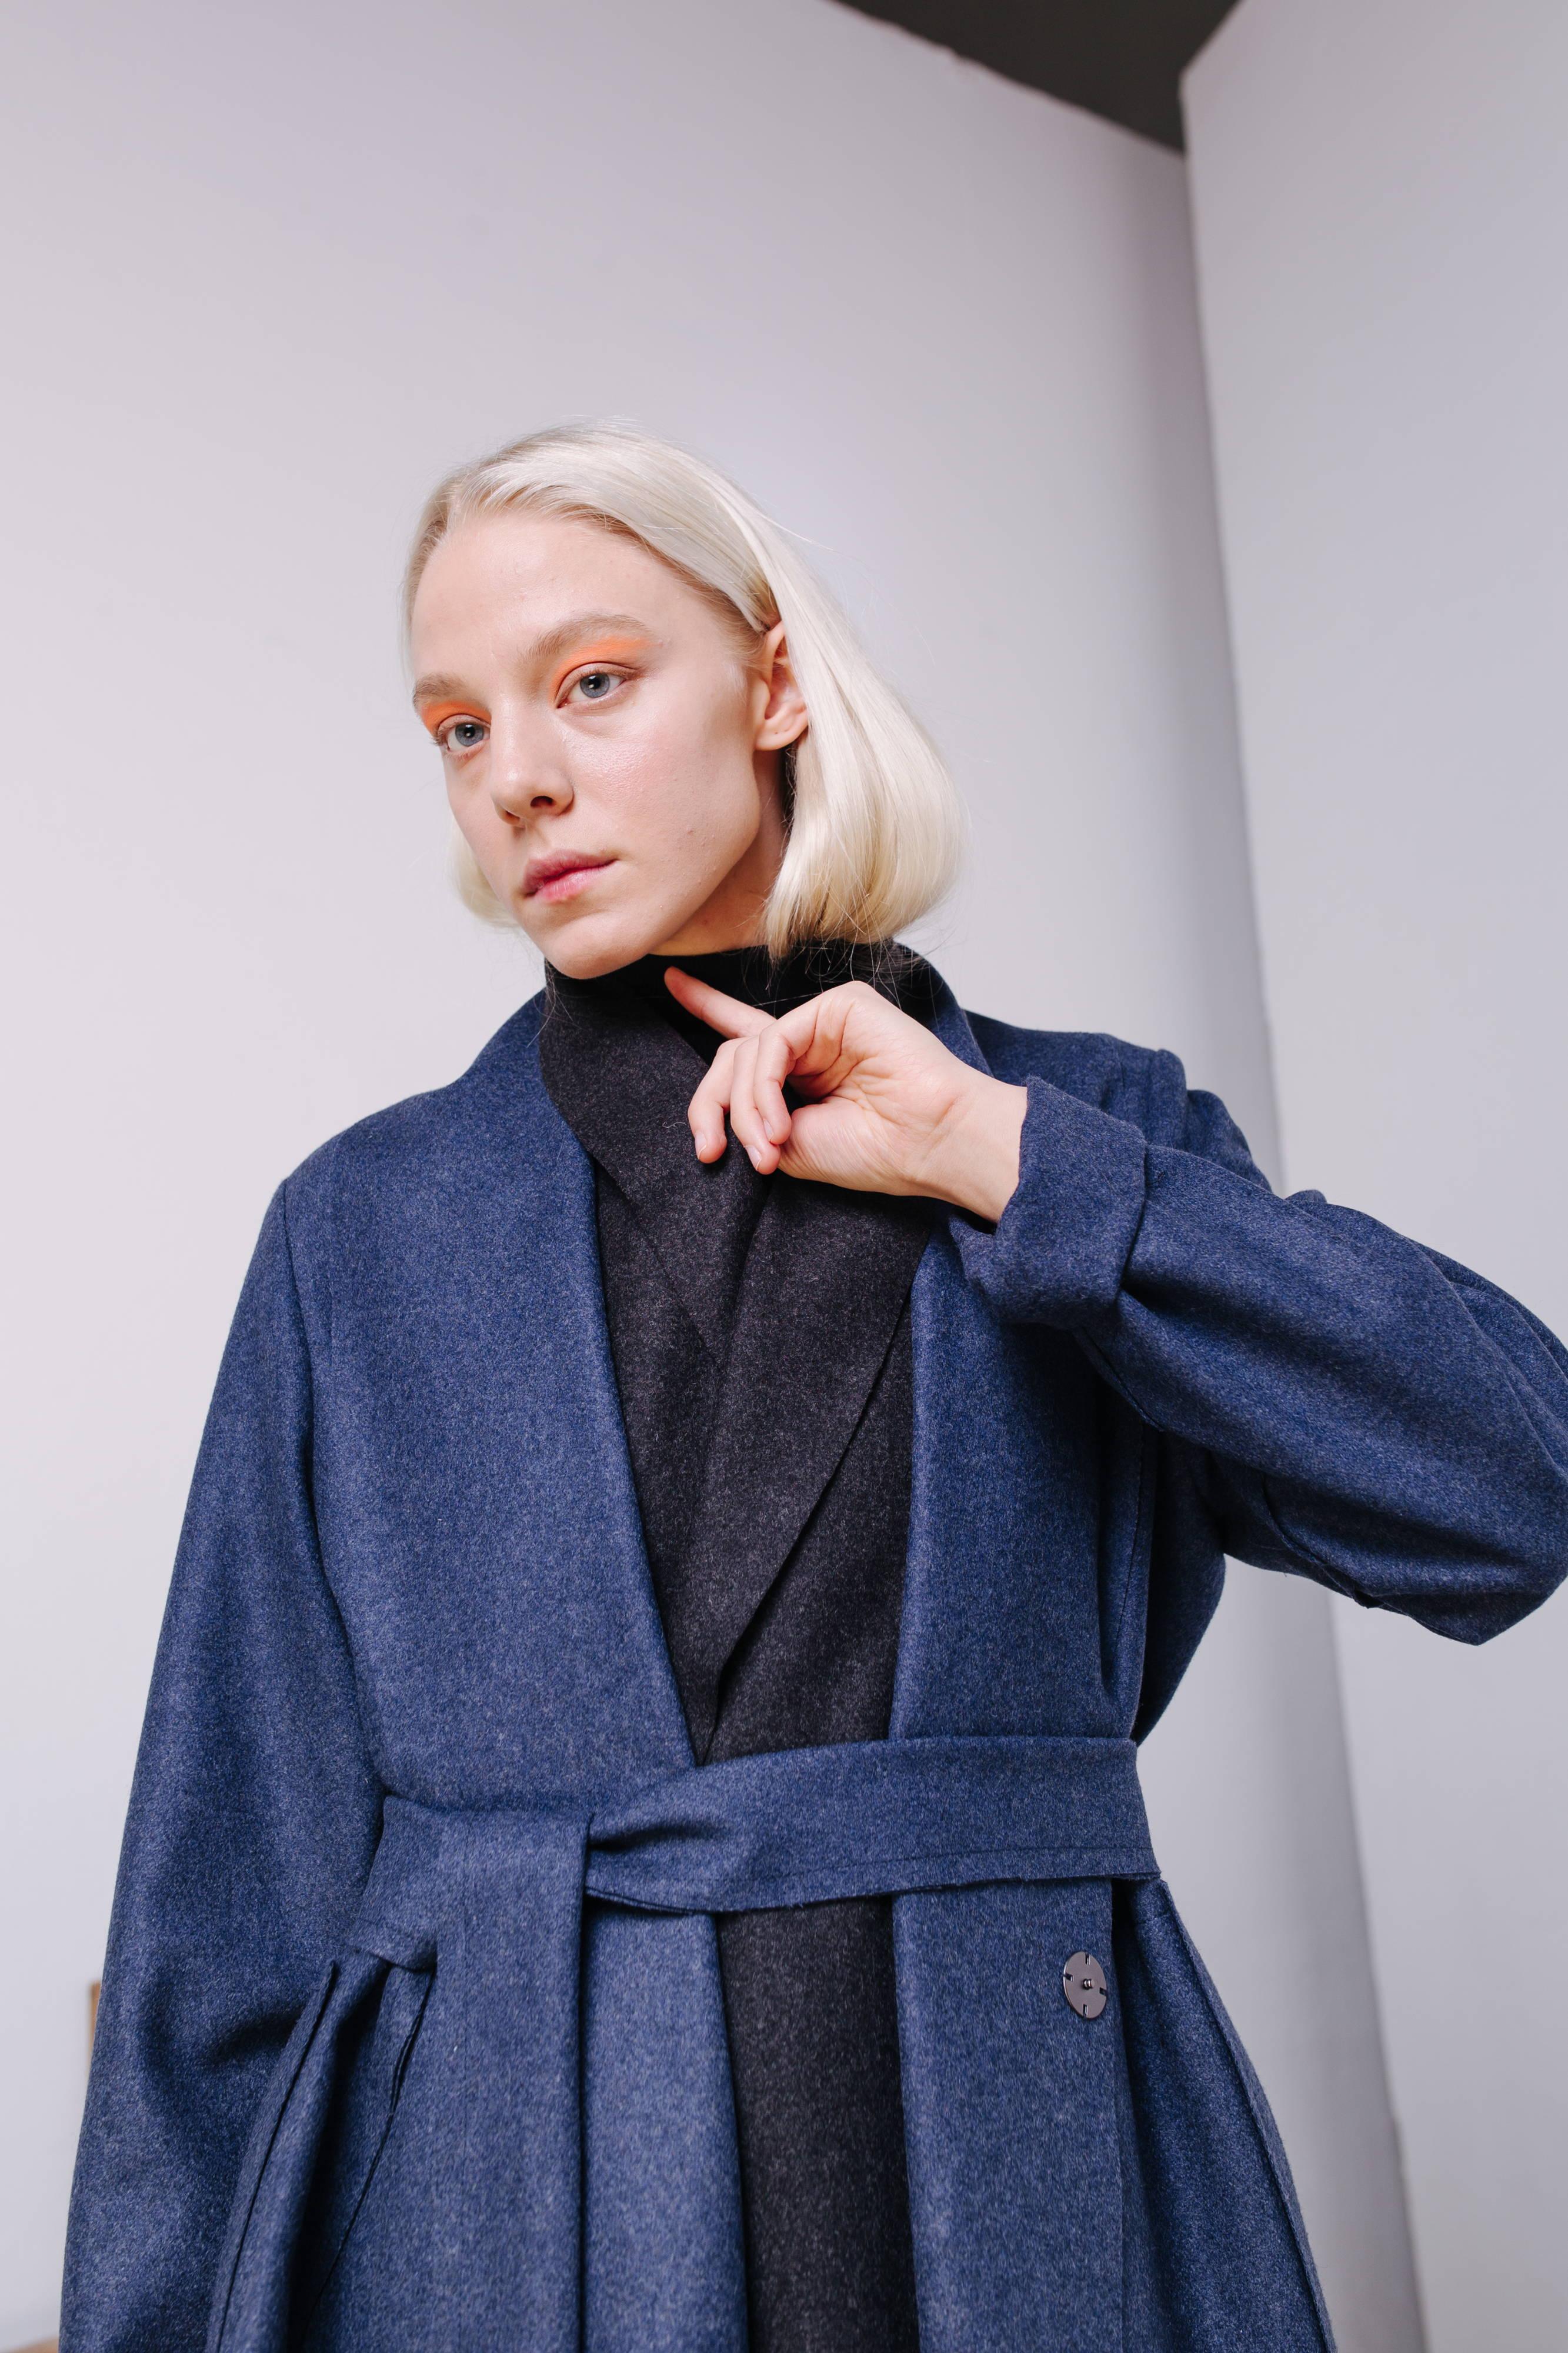 a68b9569bef9d Пальто из шерстяного сукна василькового цвета №25 в магазине «Brier ...